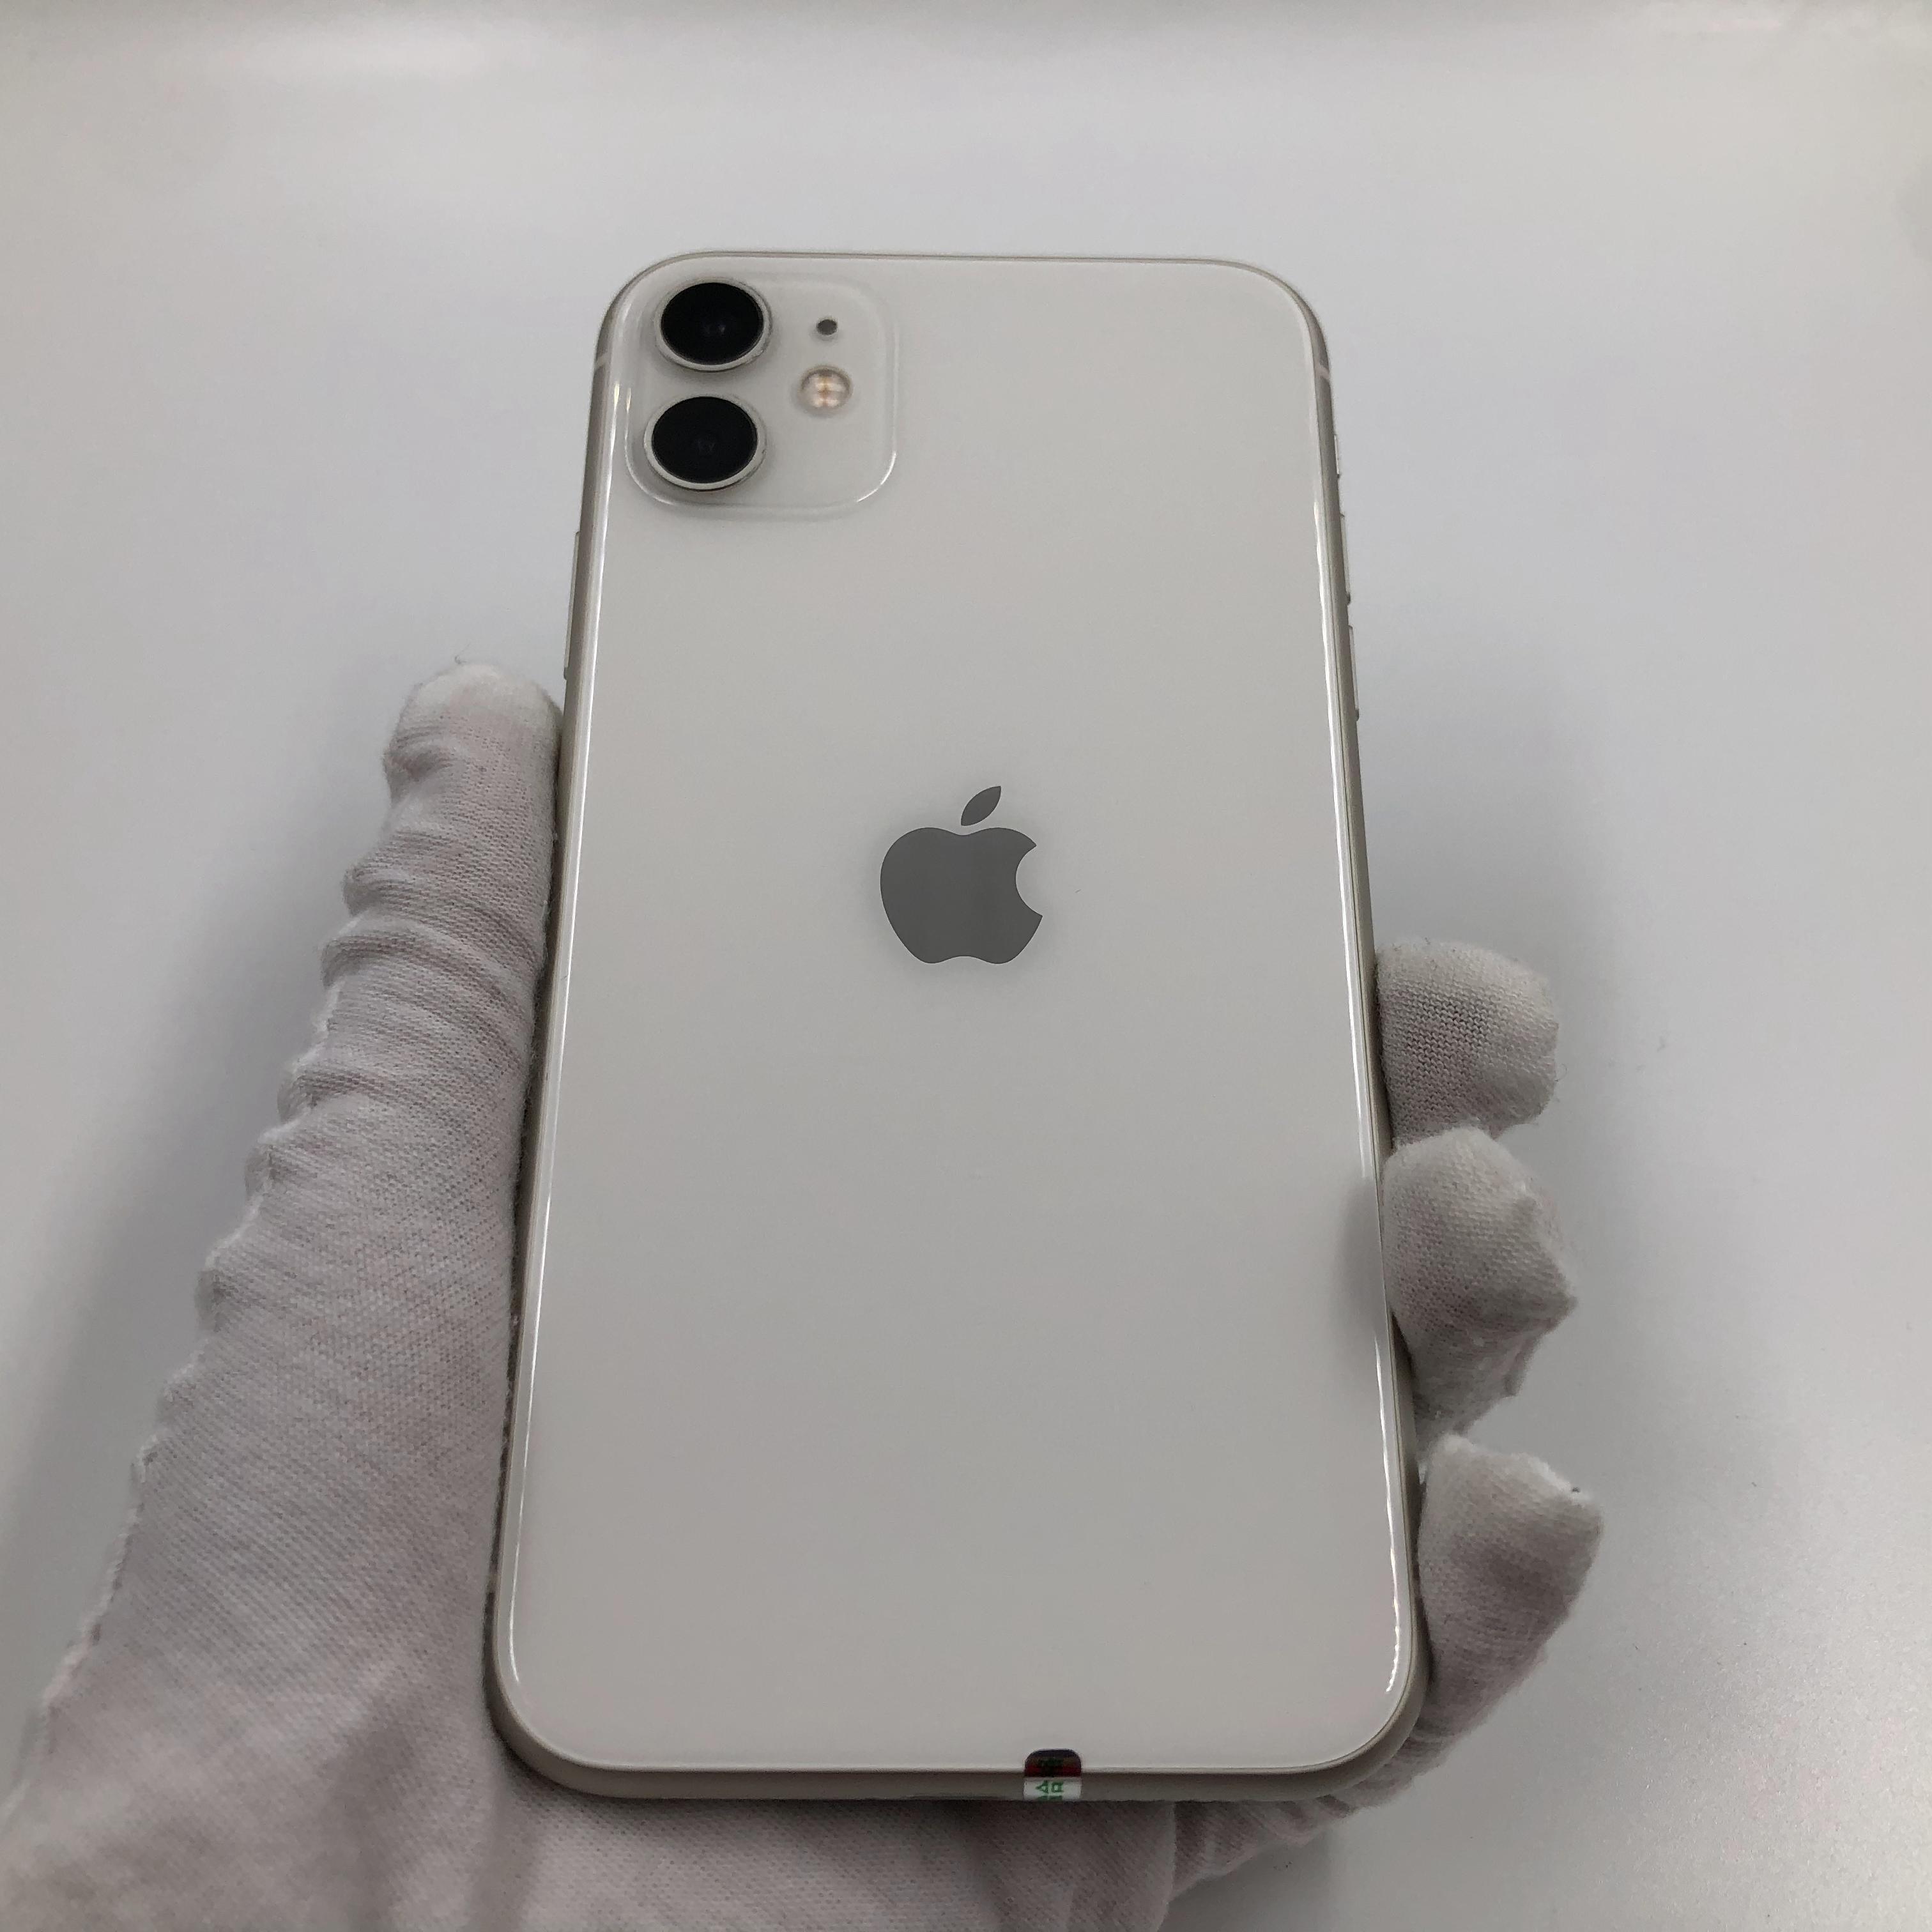 苹果【iPhone 11】4G全网通 白色 64G 国行 8成新 真机实拍